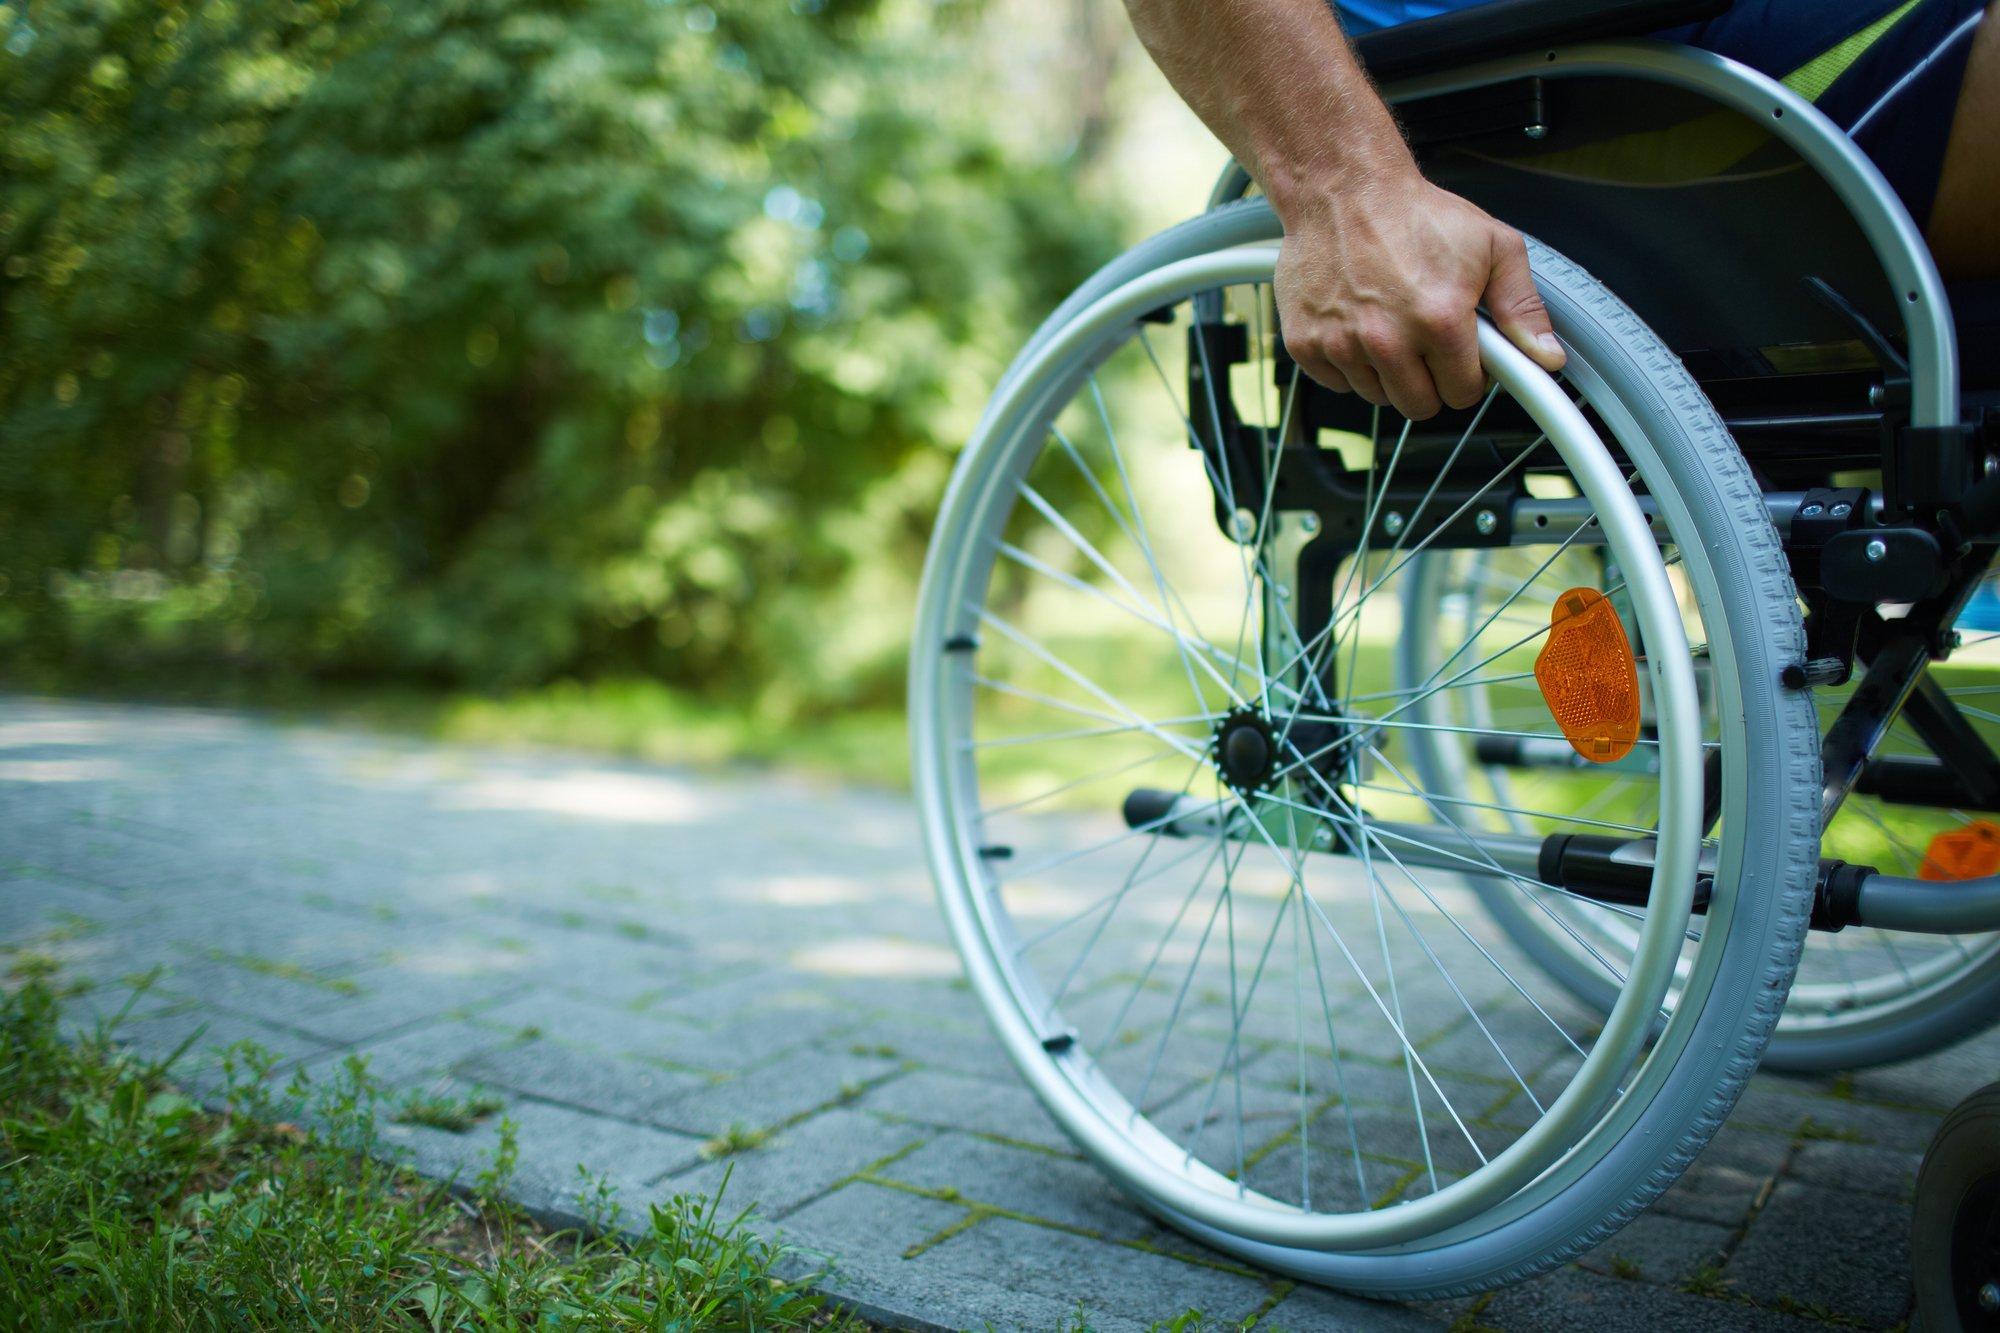 depositphotos 32902693 l 2015.jpg?resize=636,358 - Paraplégique, il est capable de remarcher à l'aide de stimulations électriques.